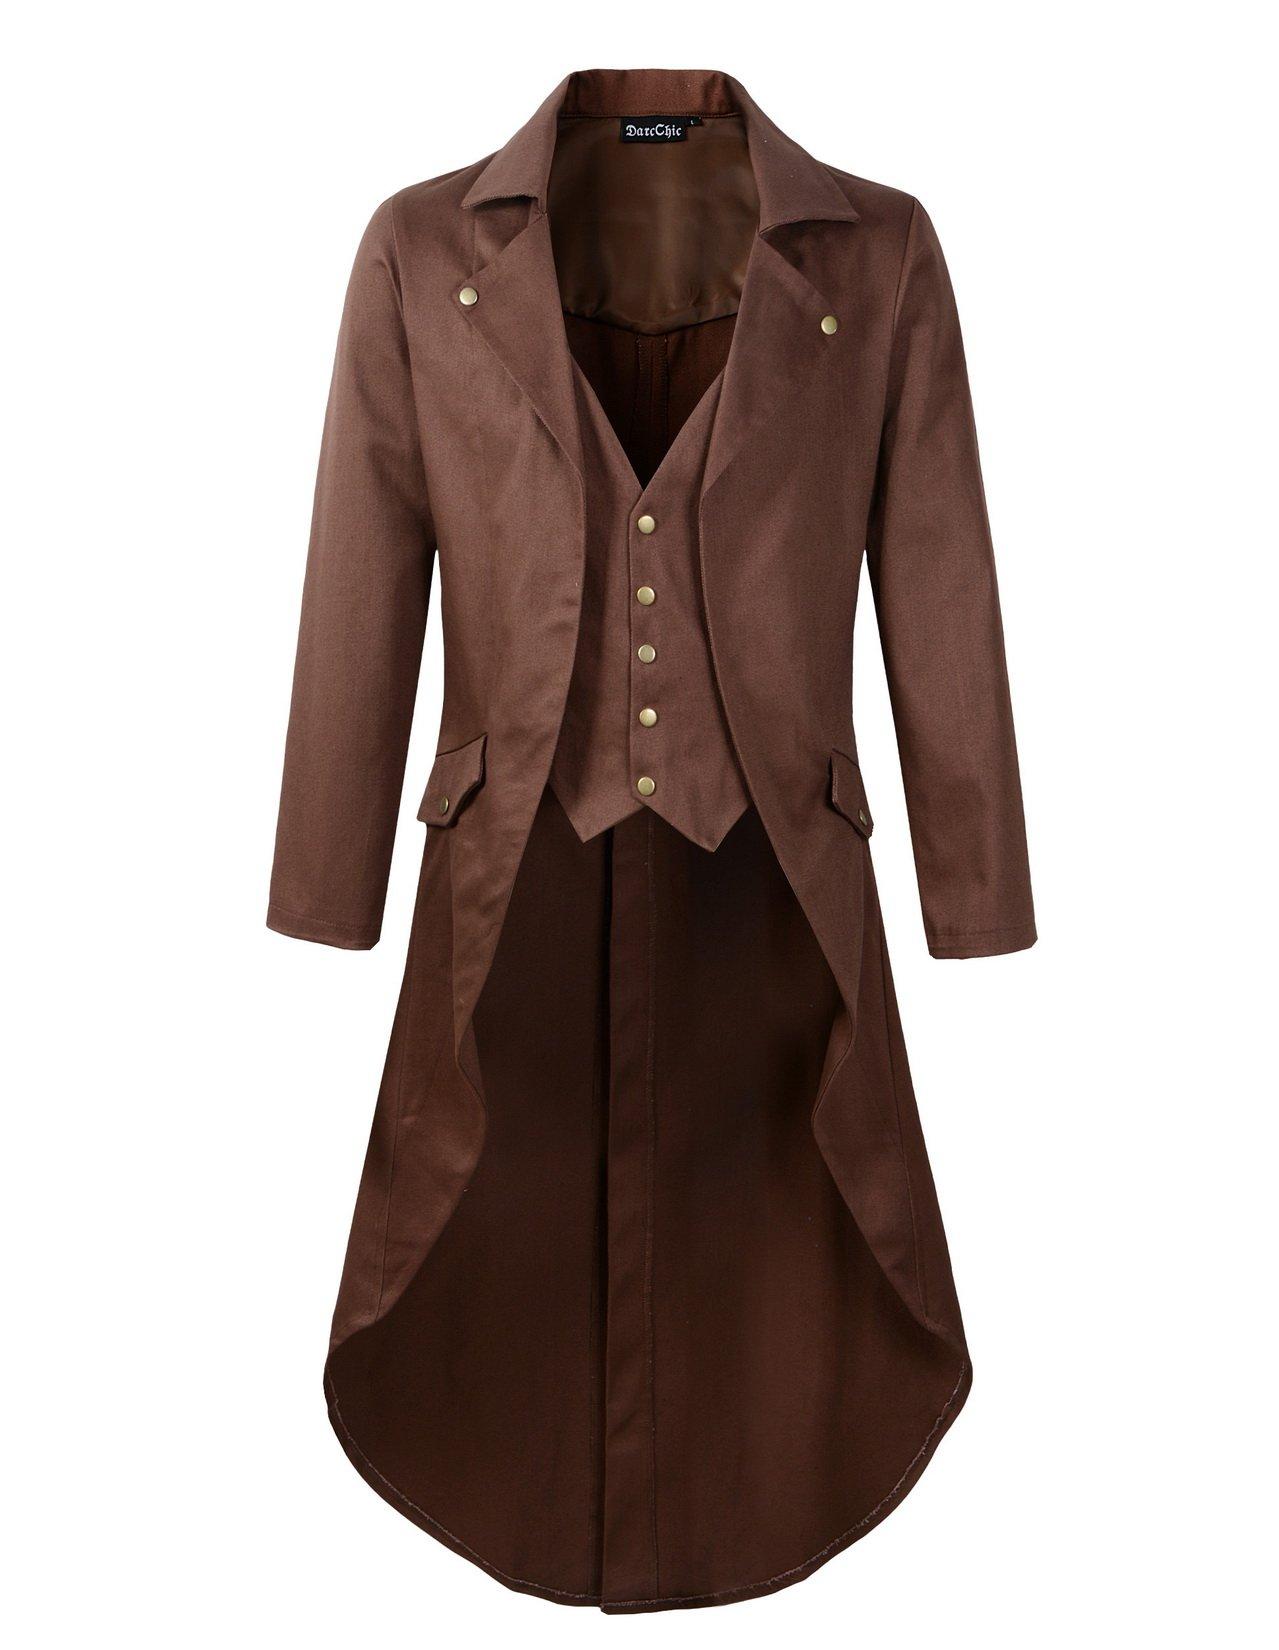 DarcChic Mens Gothic Tailcoat Jacket Black Steampunk VTG Victorian Coat (4XL, Brown) by DarcChic